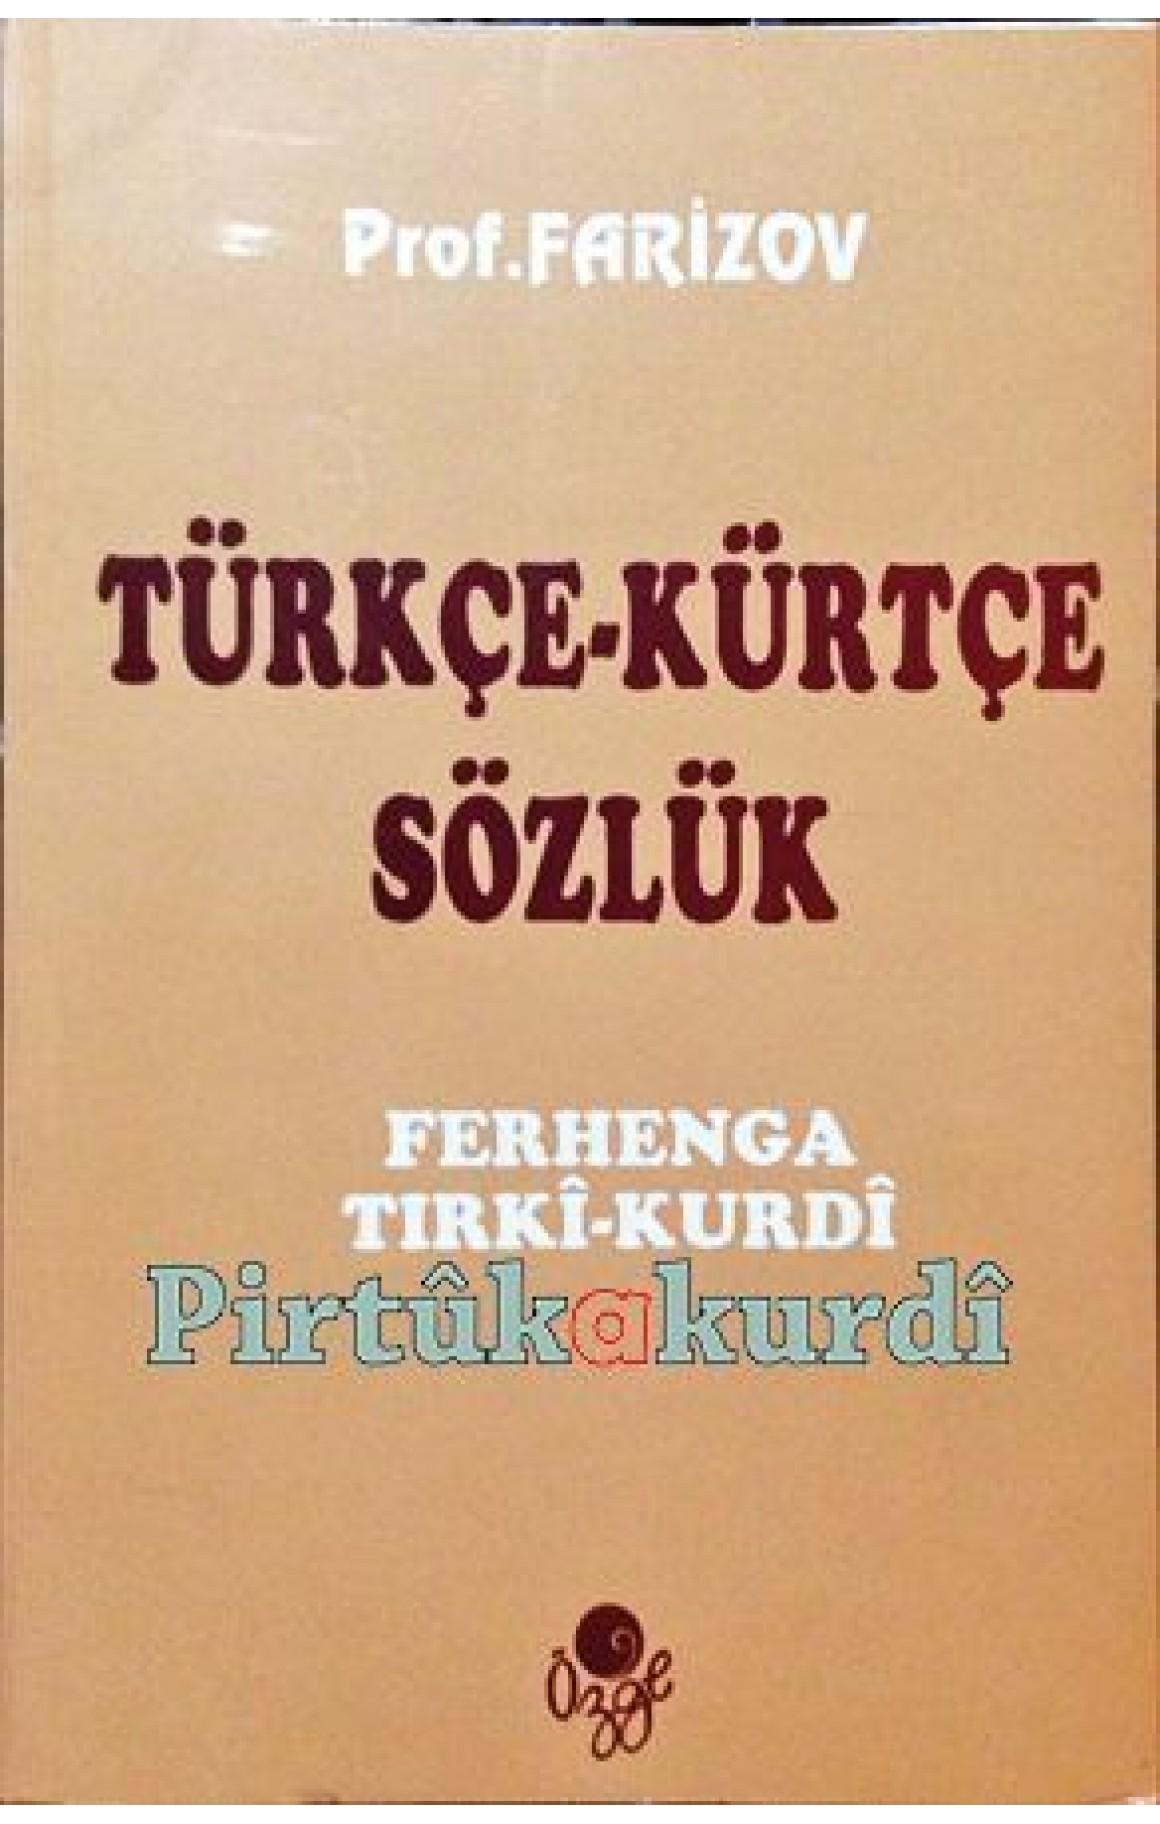 Türkçe - Kürtçe Sözlük Ferhenga Tirki - Kurdi